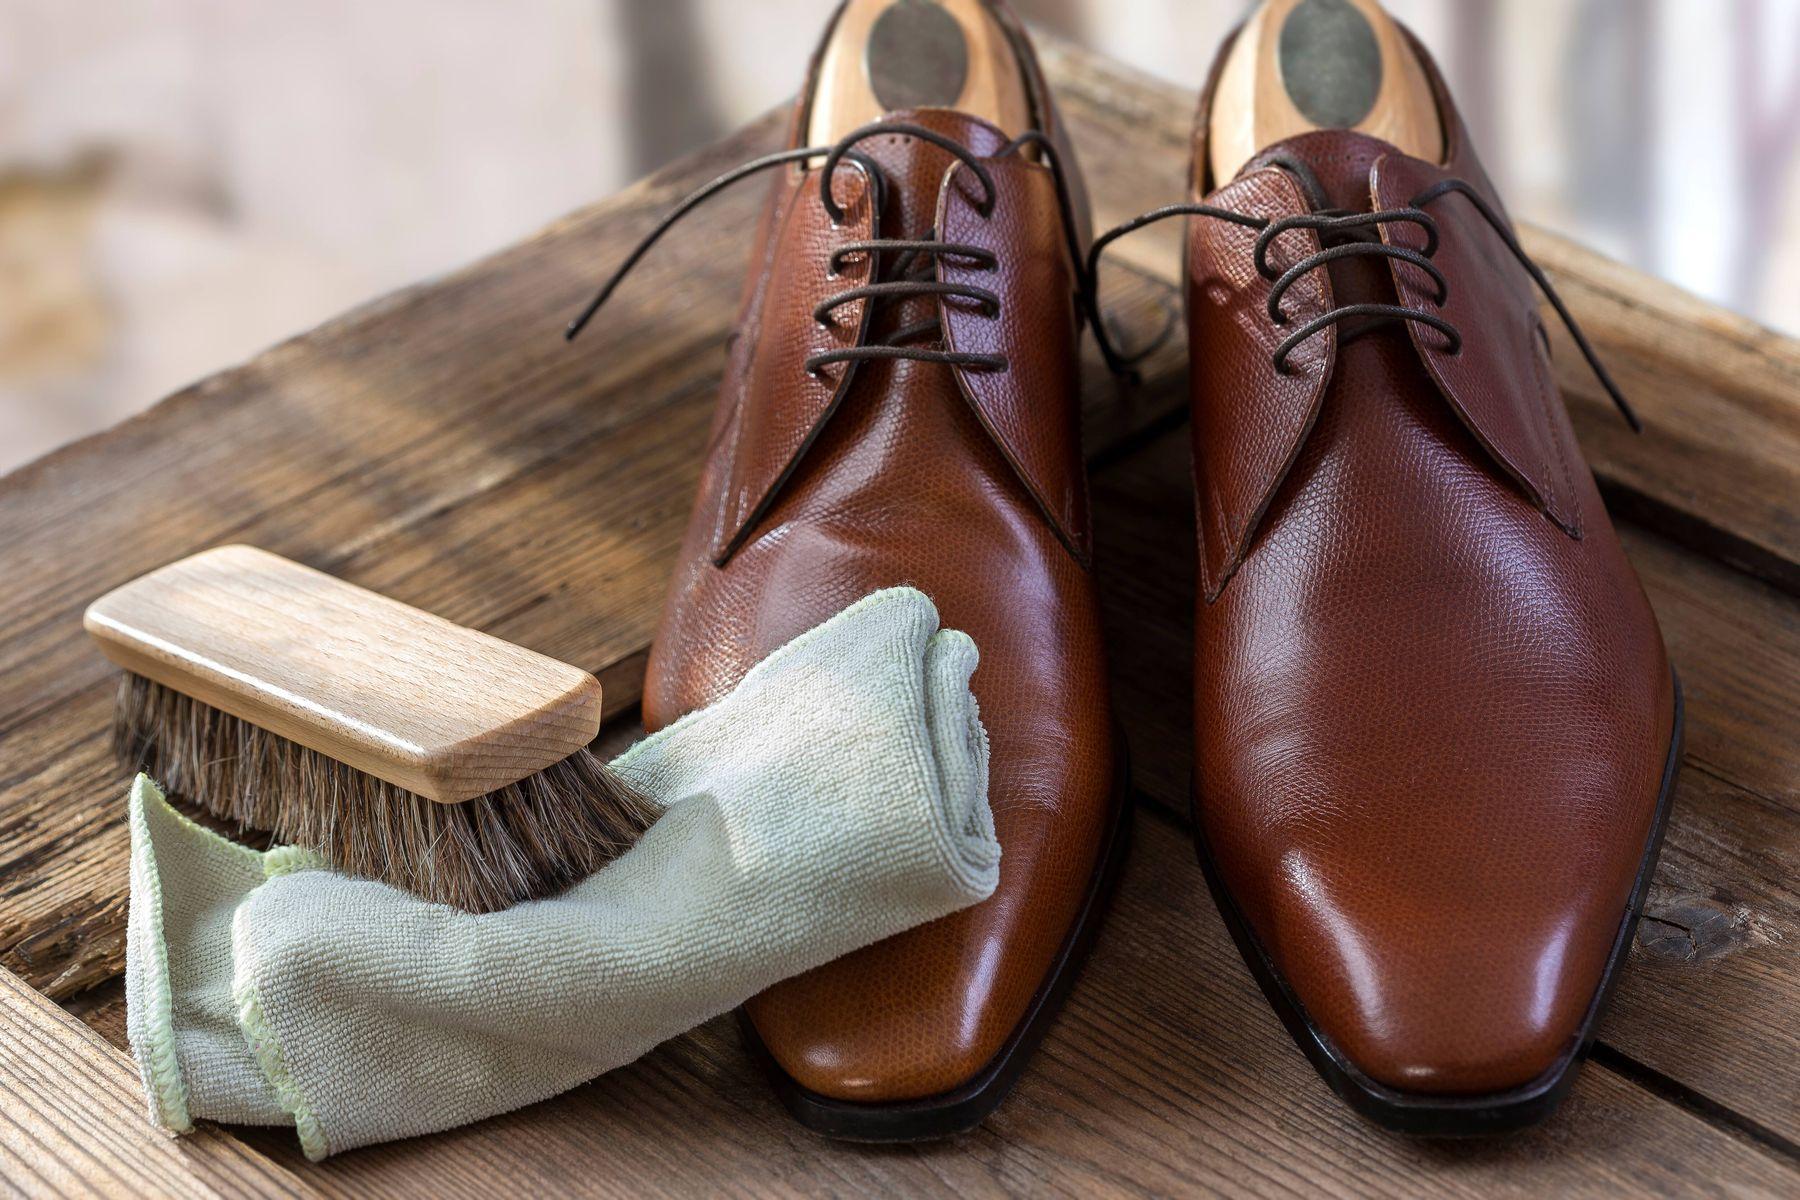 Cách nào vệ sinh giày da trắng hiệu quả